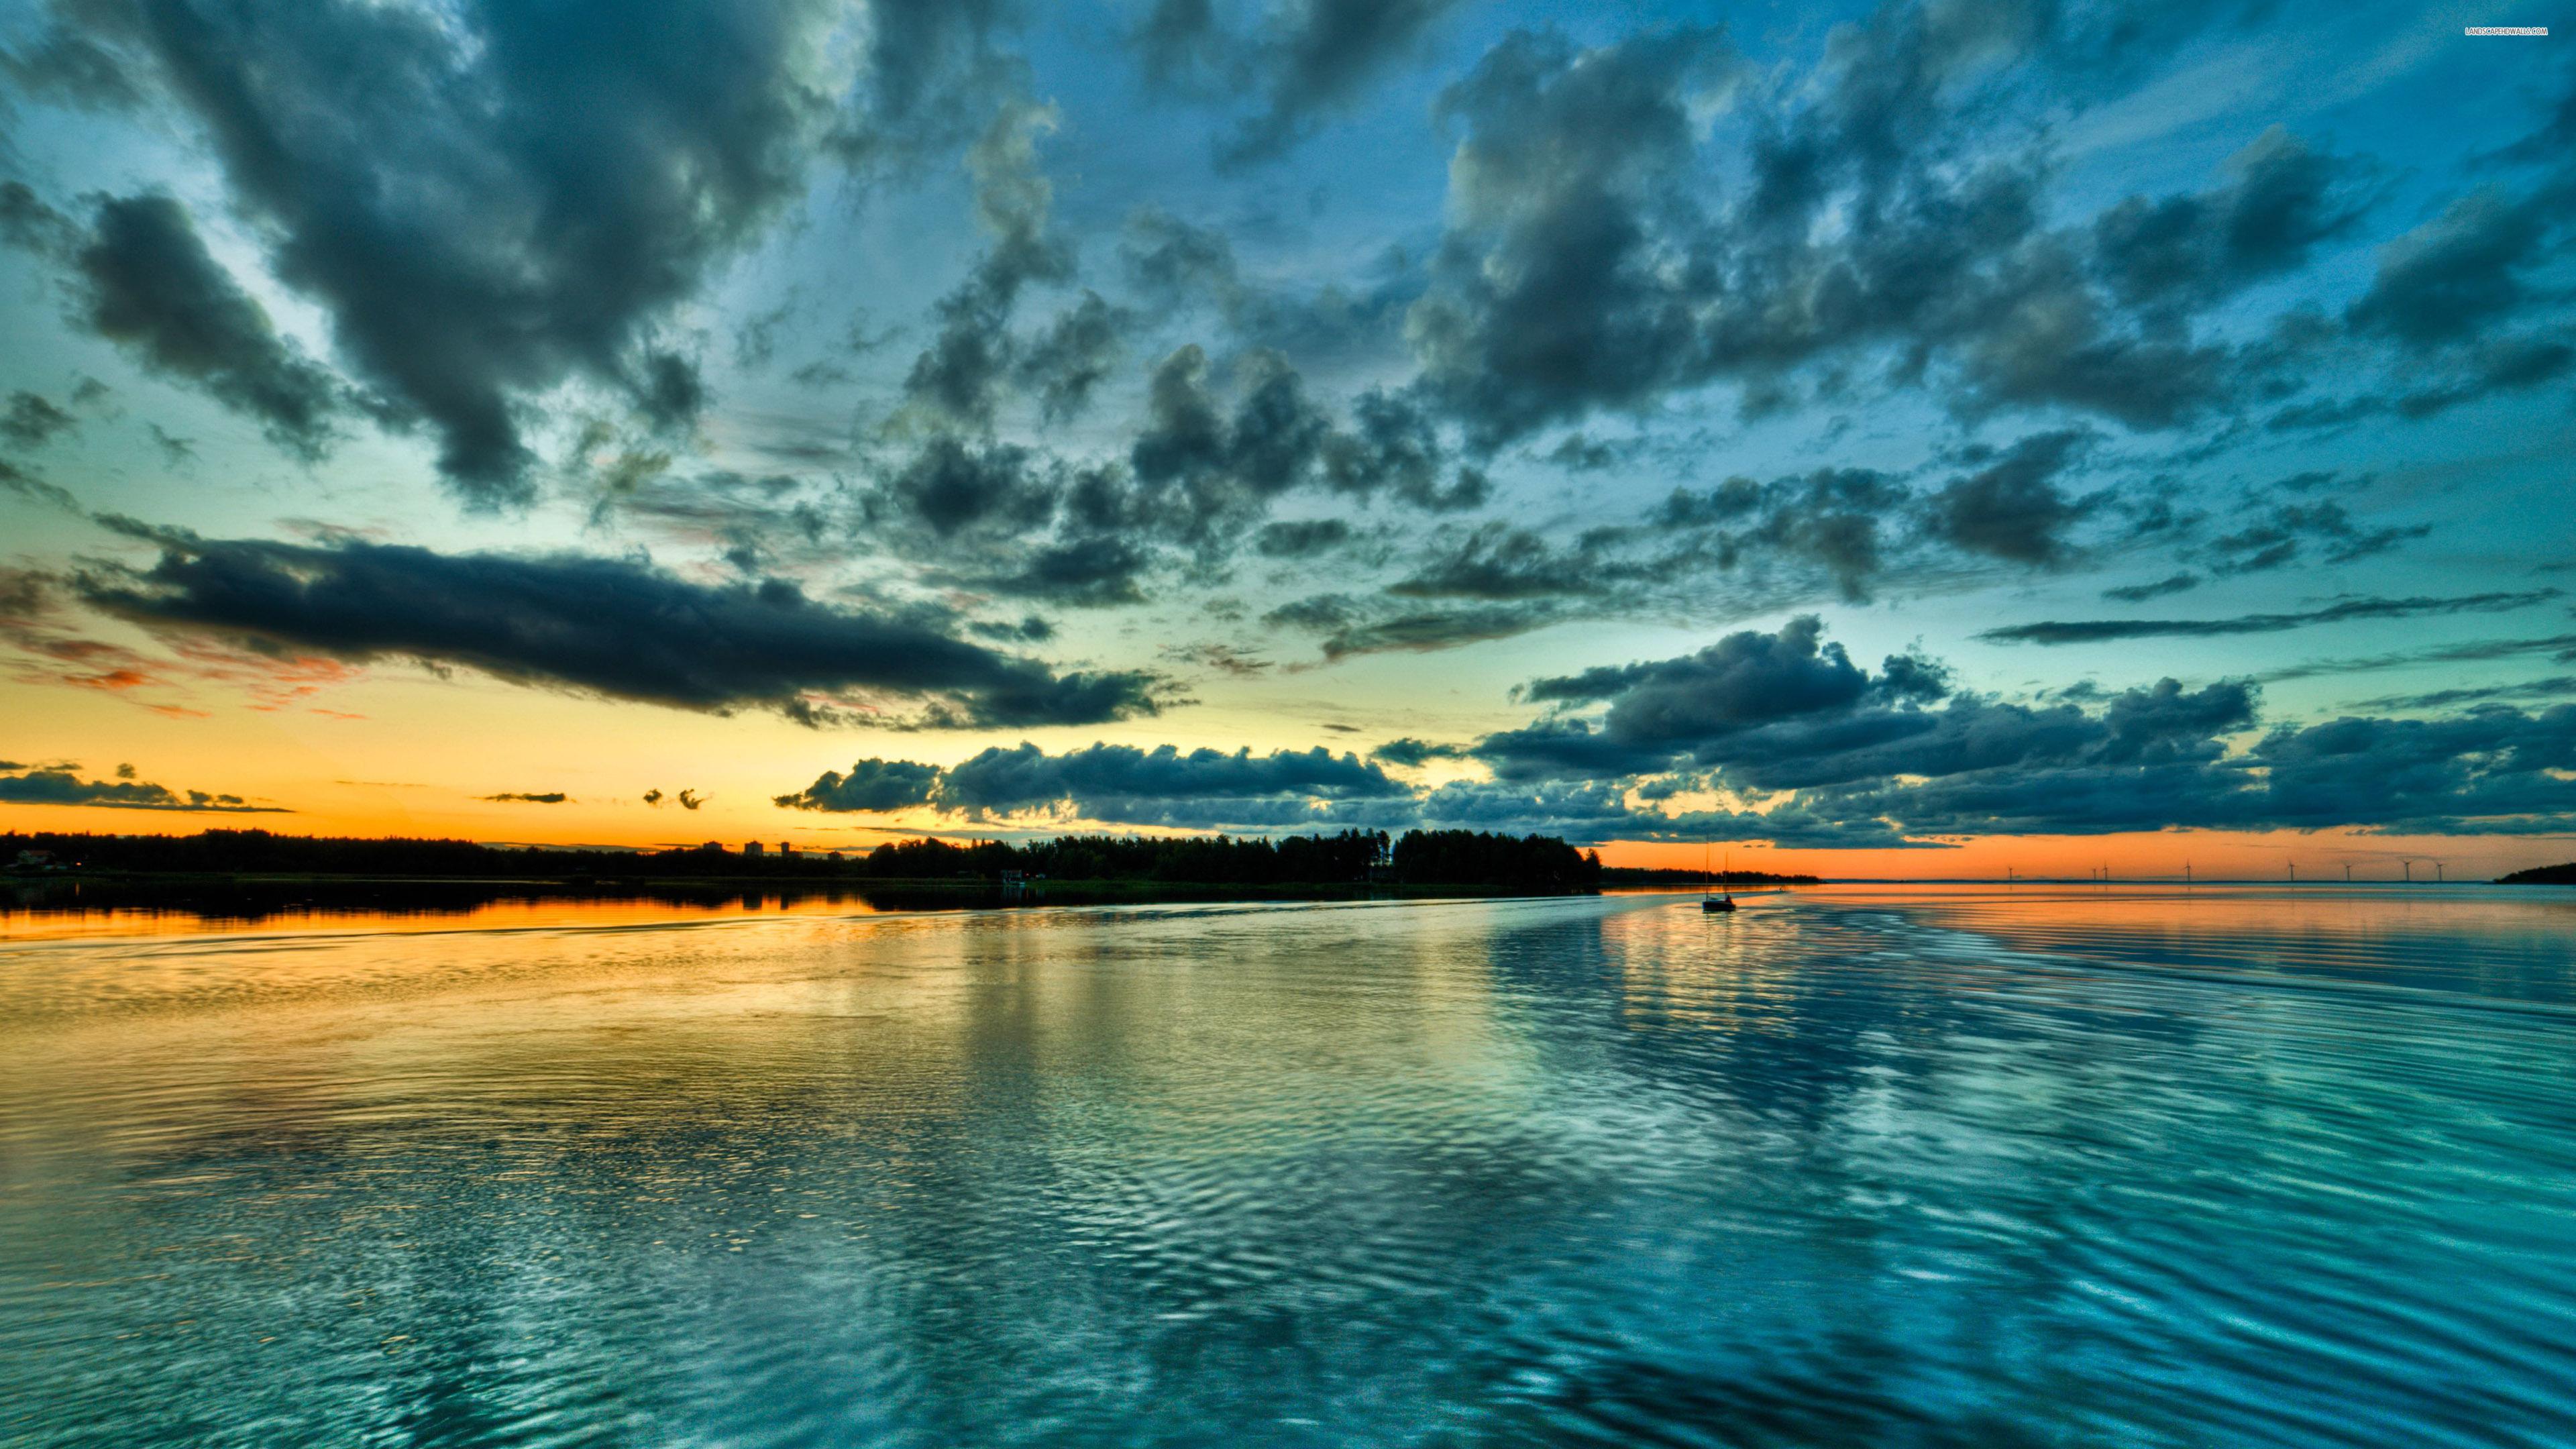 Blue Sunset 4K Wallpaper HD 728 Wallpaper Download HD Wallpaper 3840x2160